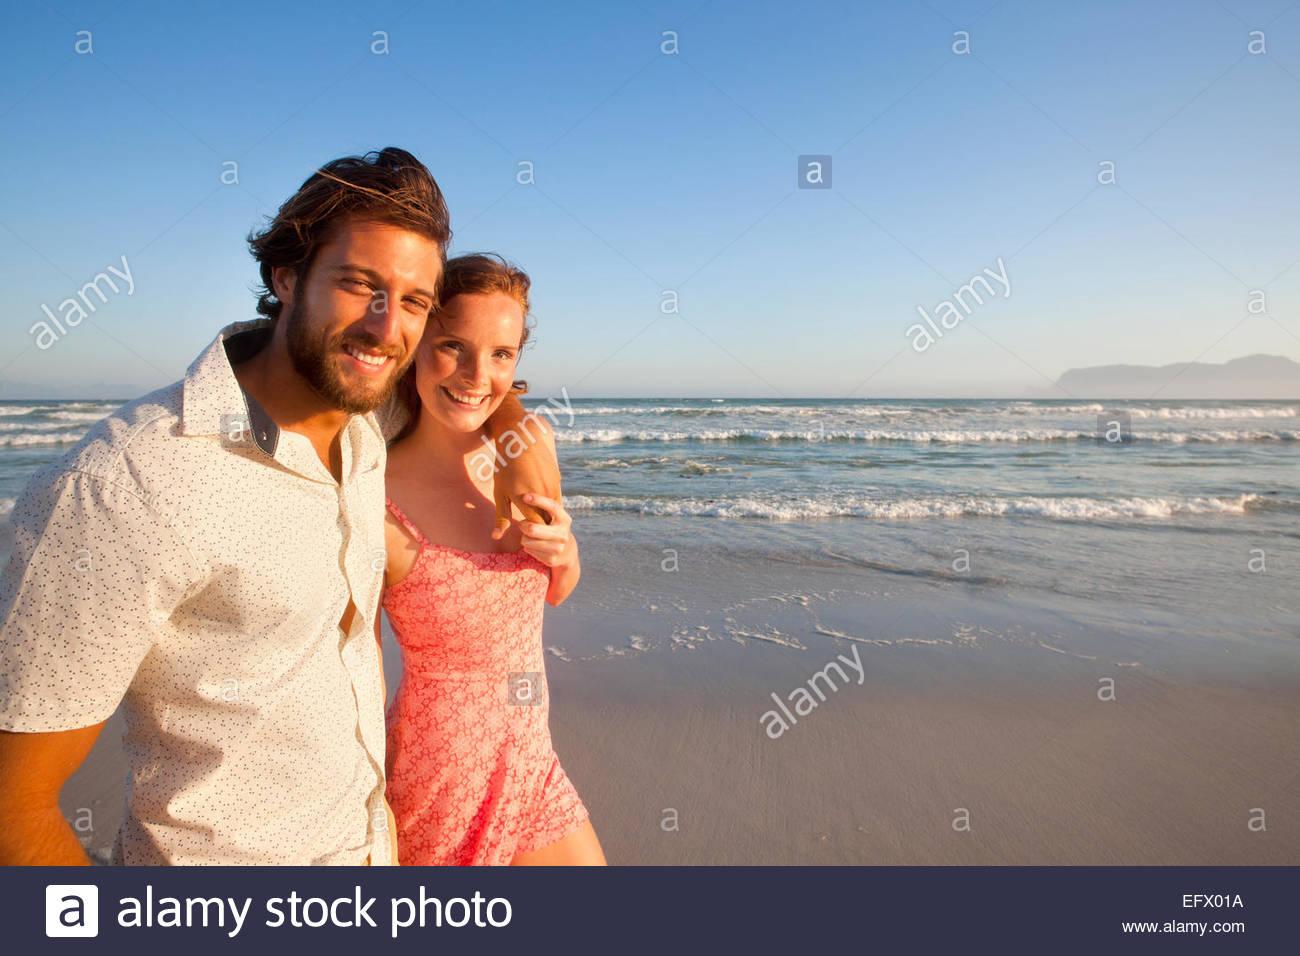 Pareja sonriente mirando a la cámara, el hombre con el brazo mujer redonda, caminando junto a sunny beach Imagen De Stock